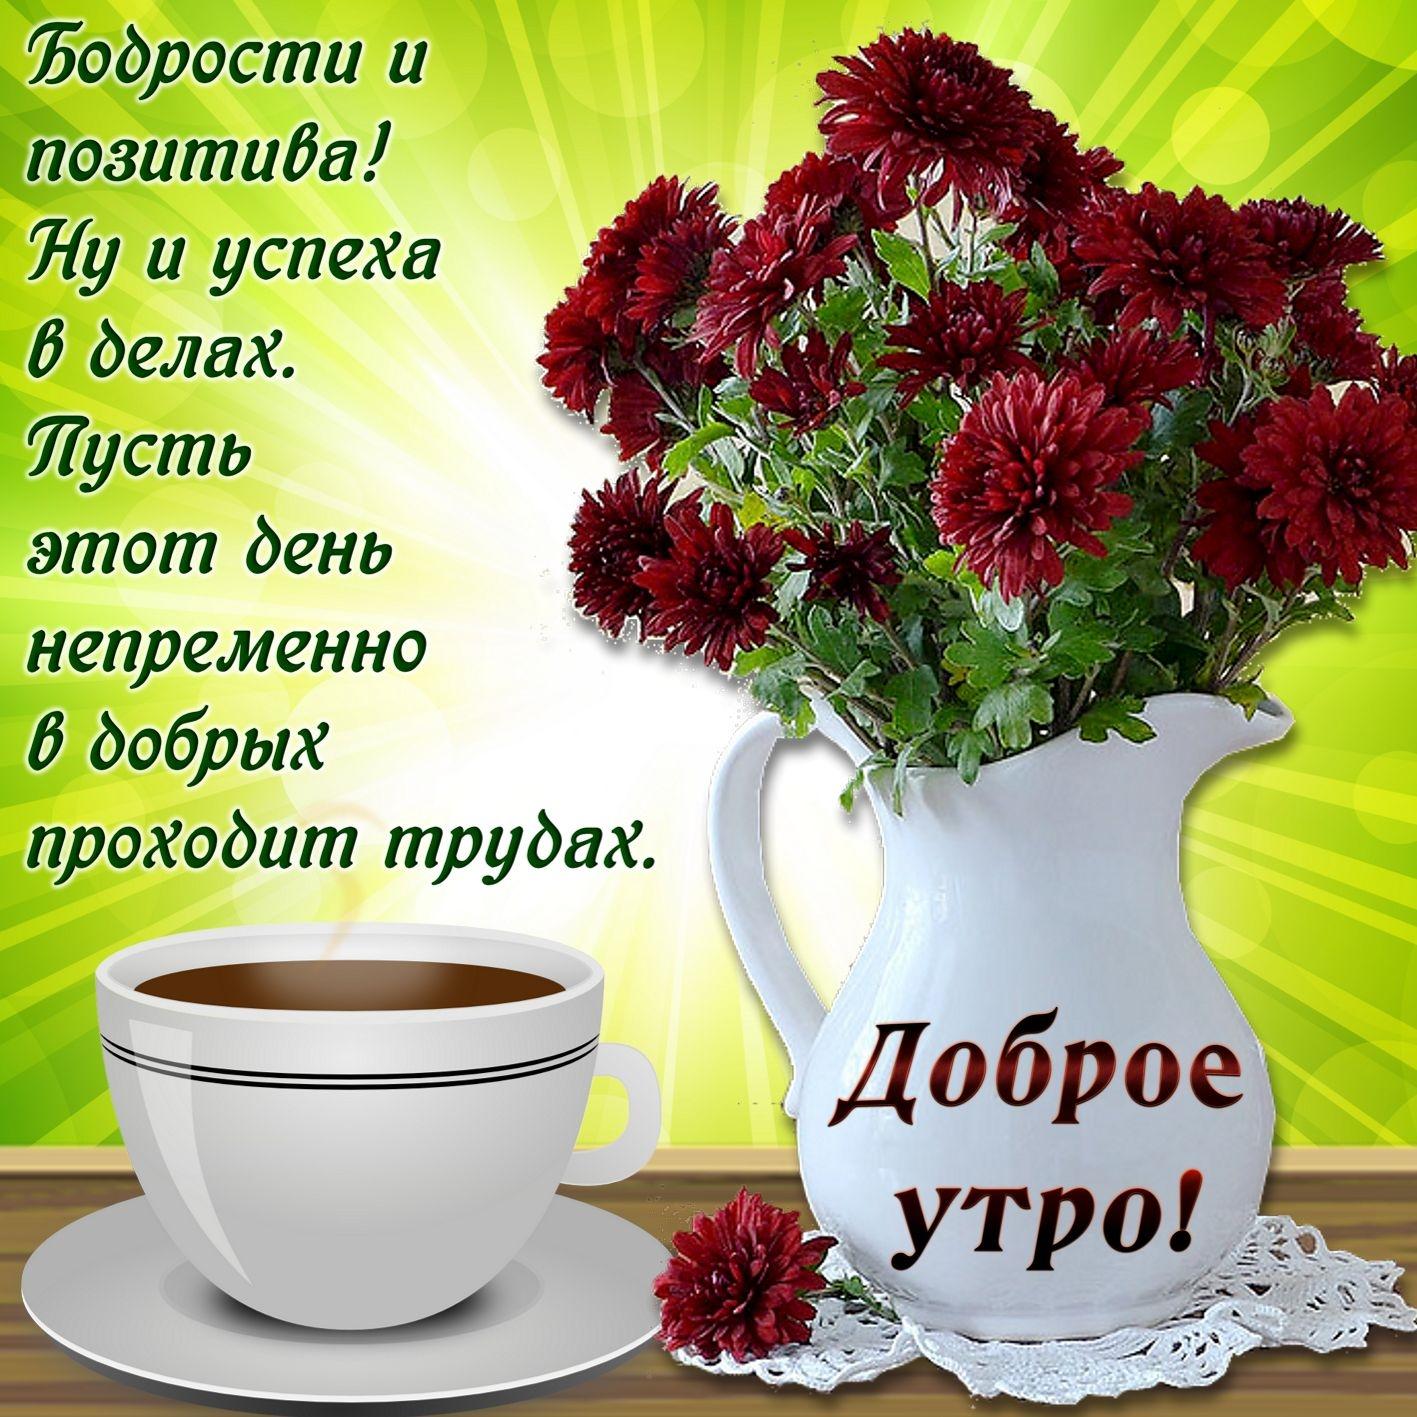 Открытки с добрым утром и хорошим настроением для вацап, признаниями любви